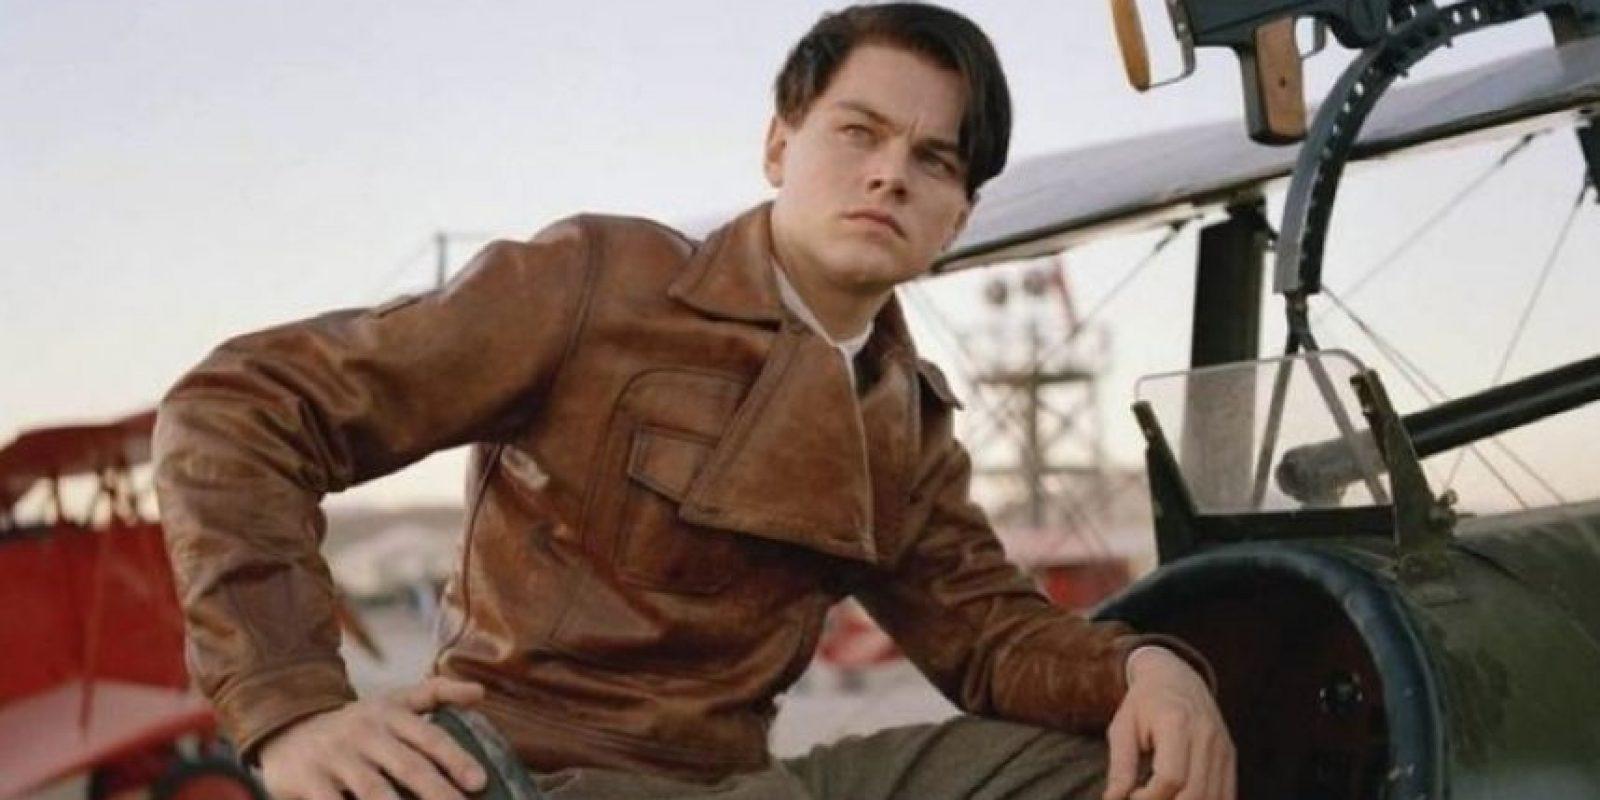 """2. """"El aviador"""". La segunda nominación fue en 2004 con """"El aviador"""", el actor que tenía 30 años en ese momento, encarnó al pionero de la aviación Howard Hughes. Foto:Vía Tumblr"""